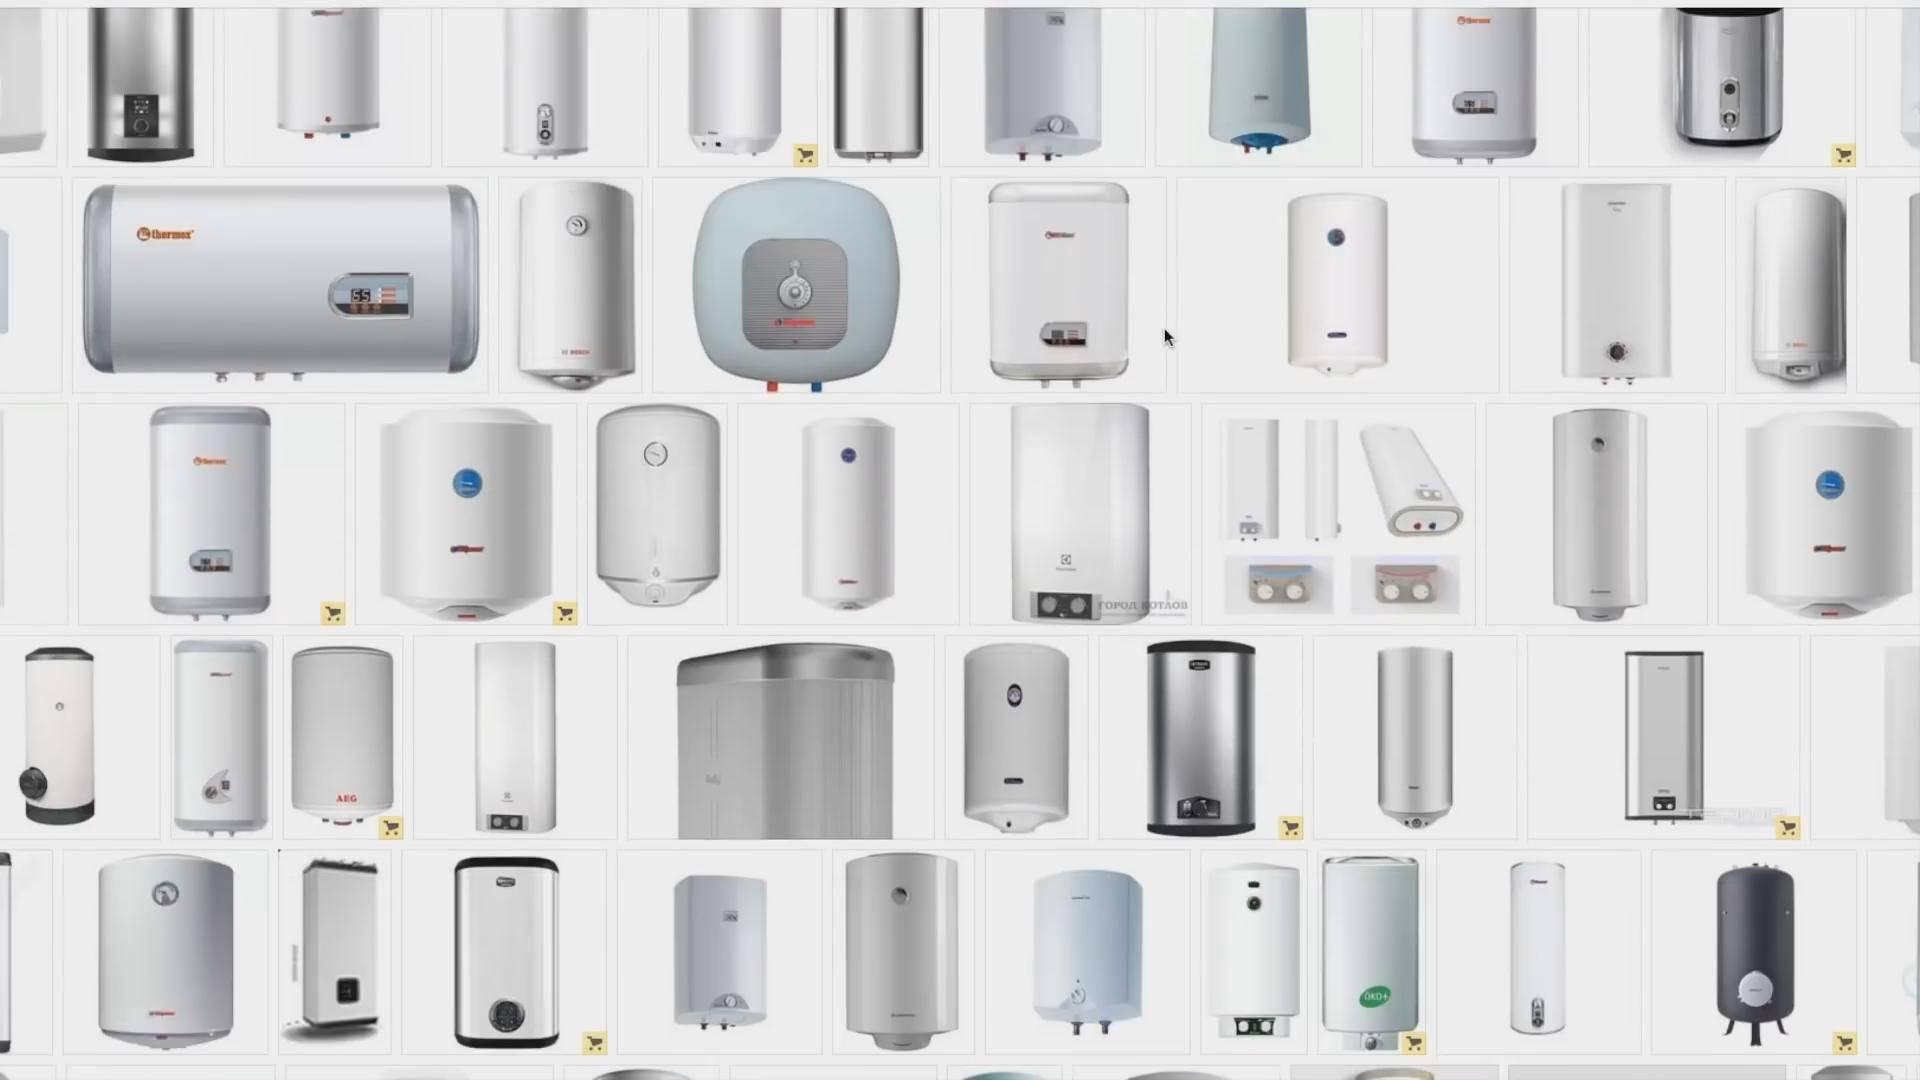 Накопительный водонагреватель какой фирмы лучше выбрать для дома